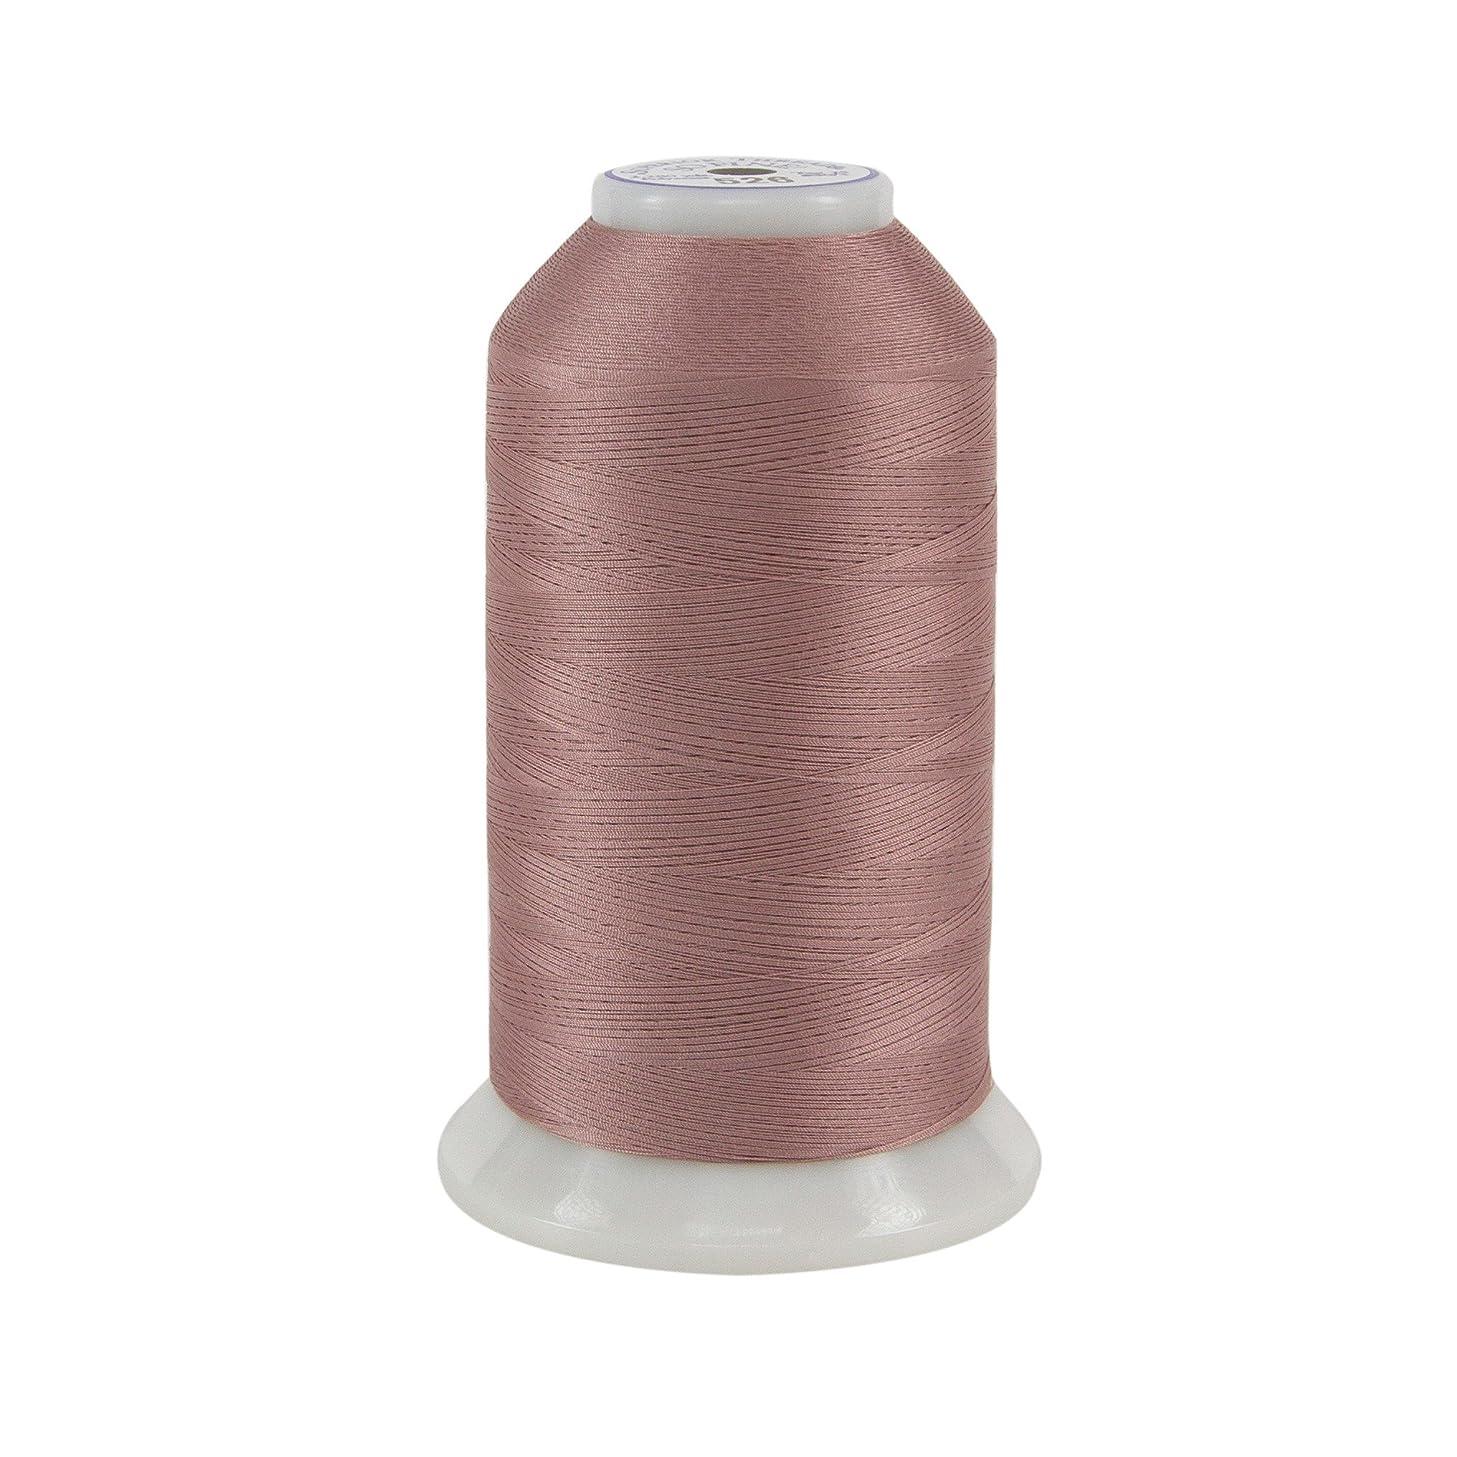 Superior Threads 11602-526 So Fine Sistine 3-Ply 50W Polyester Thread, 3280 yd